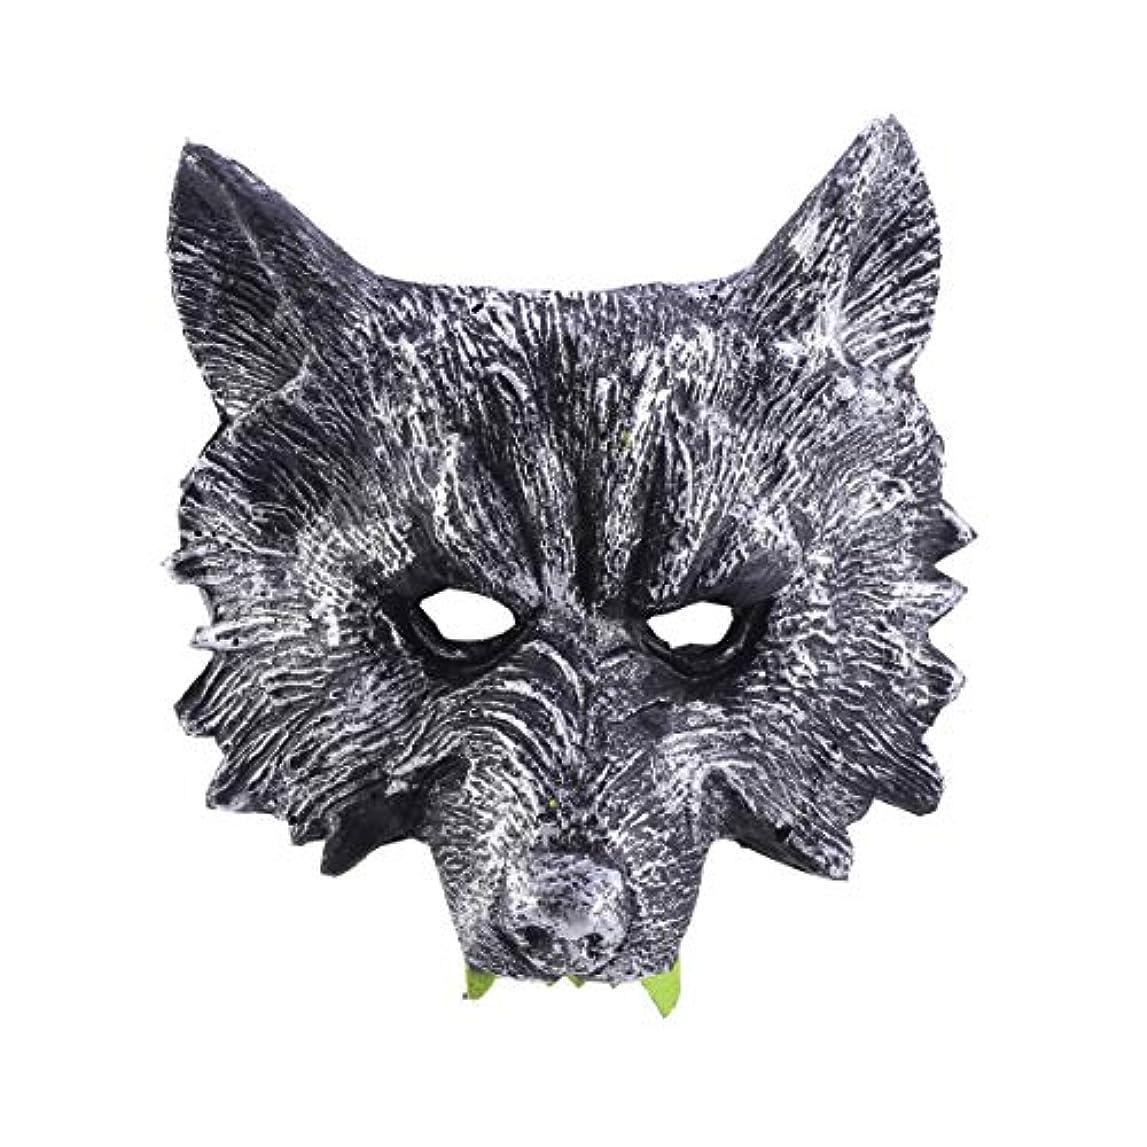 スイス人パトワ兄Toyvian ハロウィーン仮装パーティーのための灰色オオカミマスク